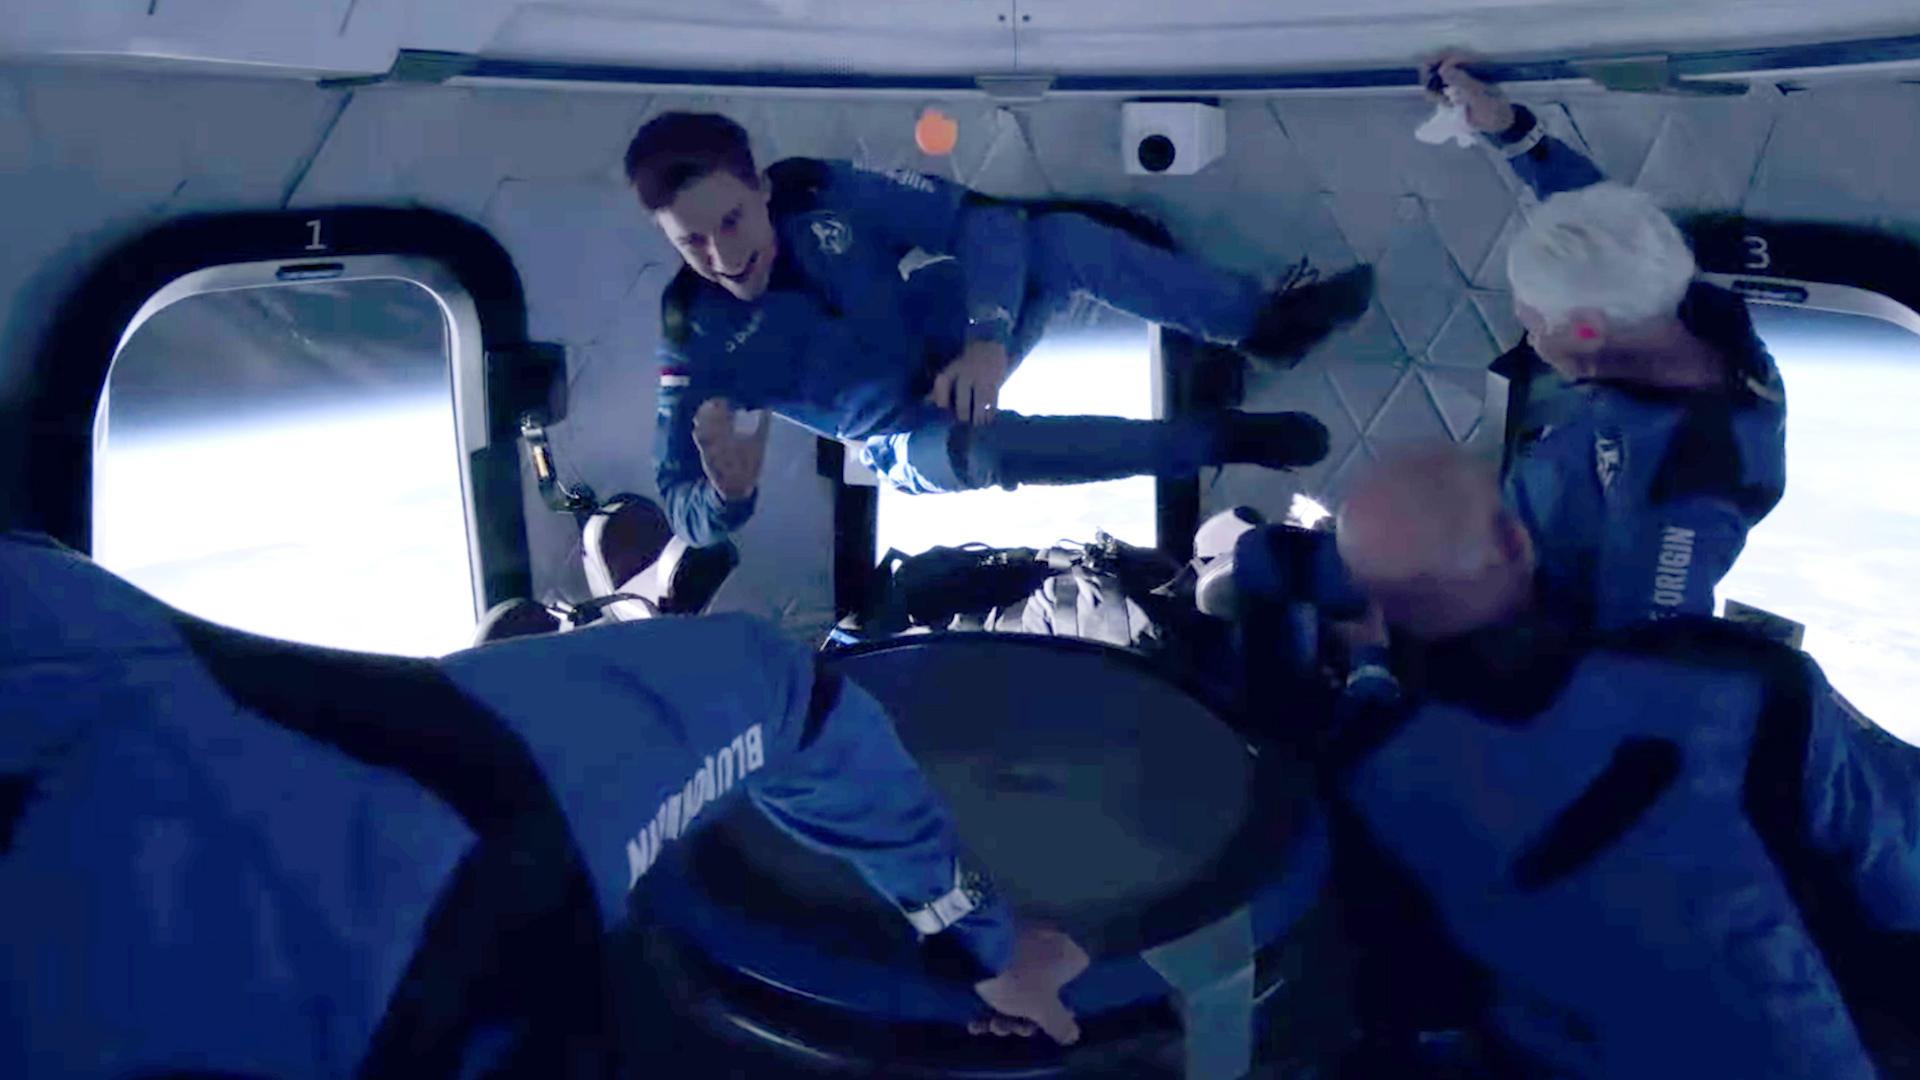 'Đường lên vũ trụ cho con cháu xây tương lai': tỉ phú Bezos hoàn thành chuyến bay lịch sử